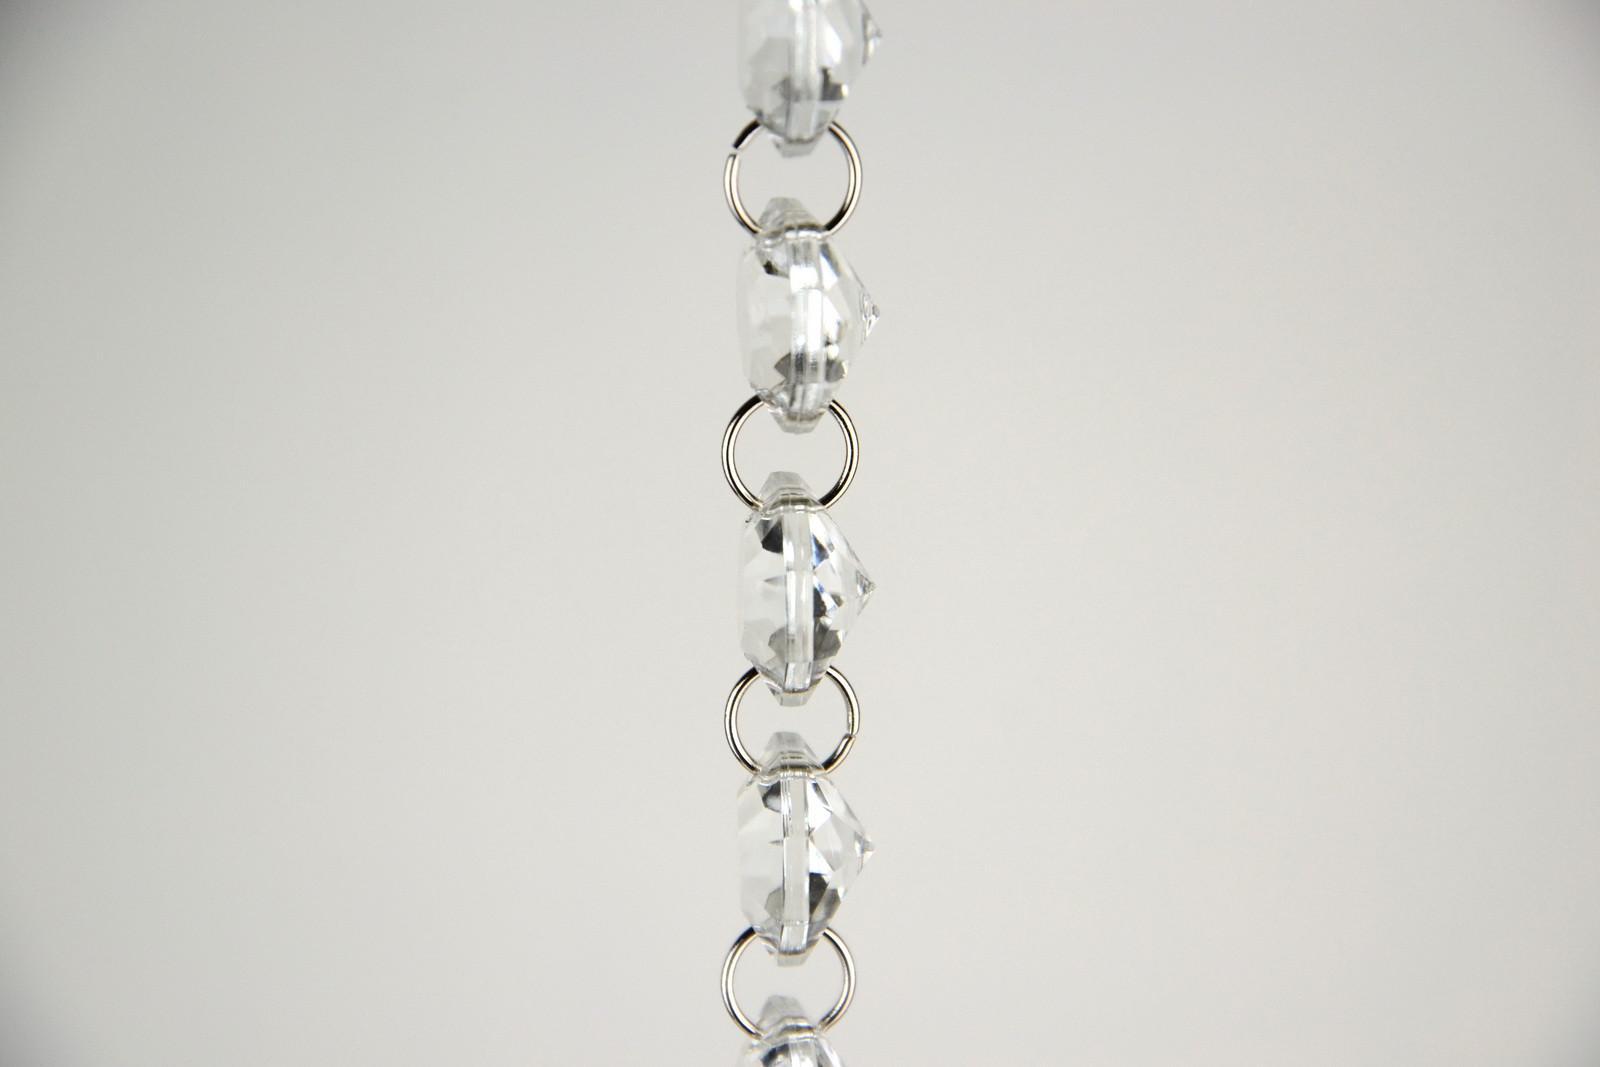 catena-lampadario-ottagoni-vetro-anello-nichel-2,1461.jpg?WebbinsCacheCounter=1